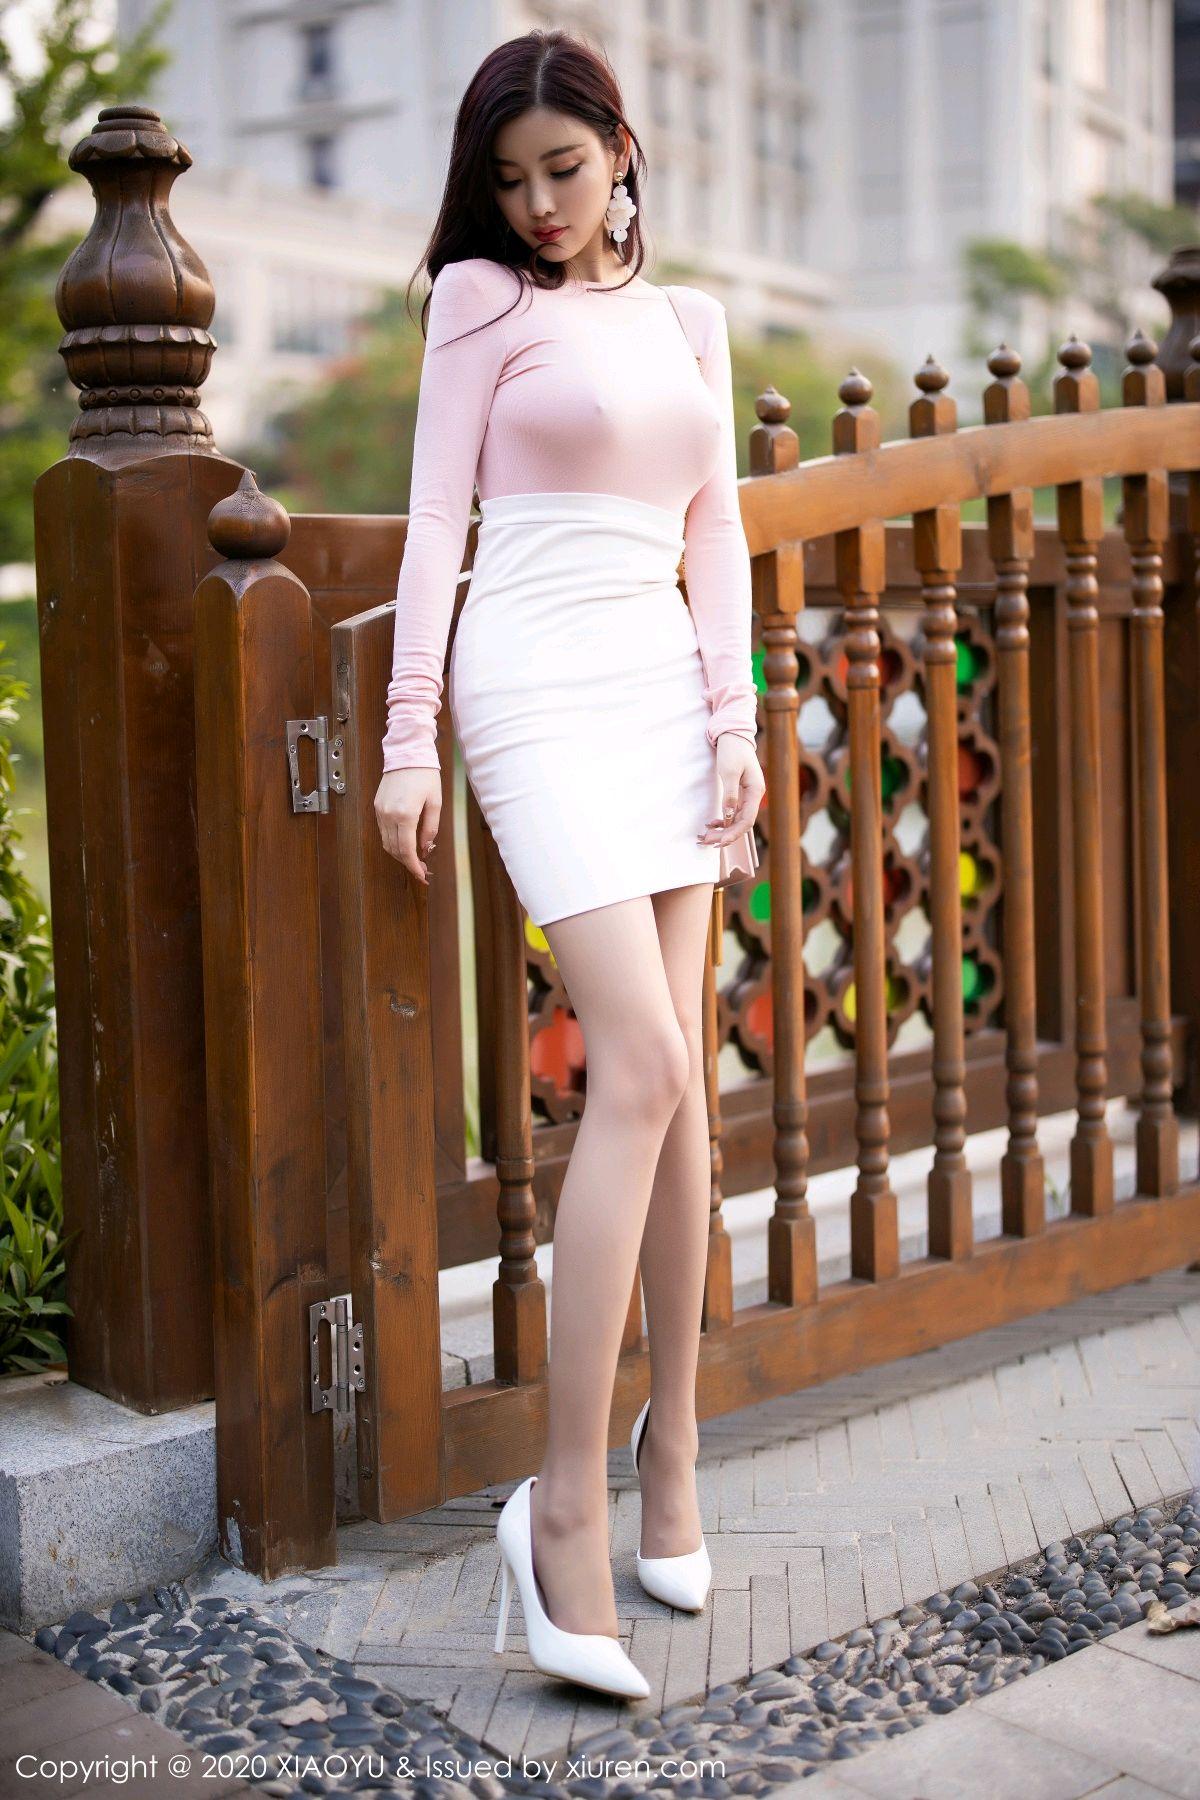 [XiaoYu] Vol.310 Yang Chen Chen 11P, Street, XiaoYu, Yang Chen Chen